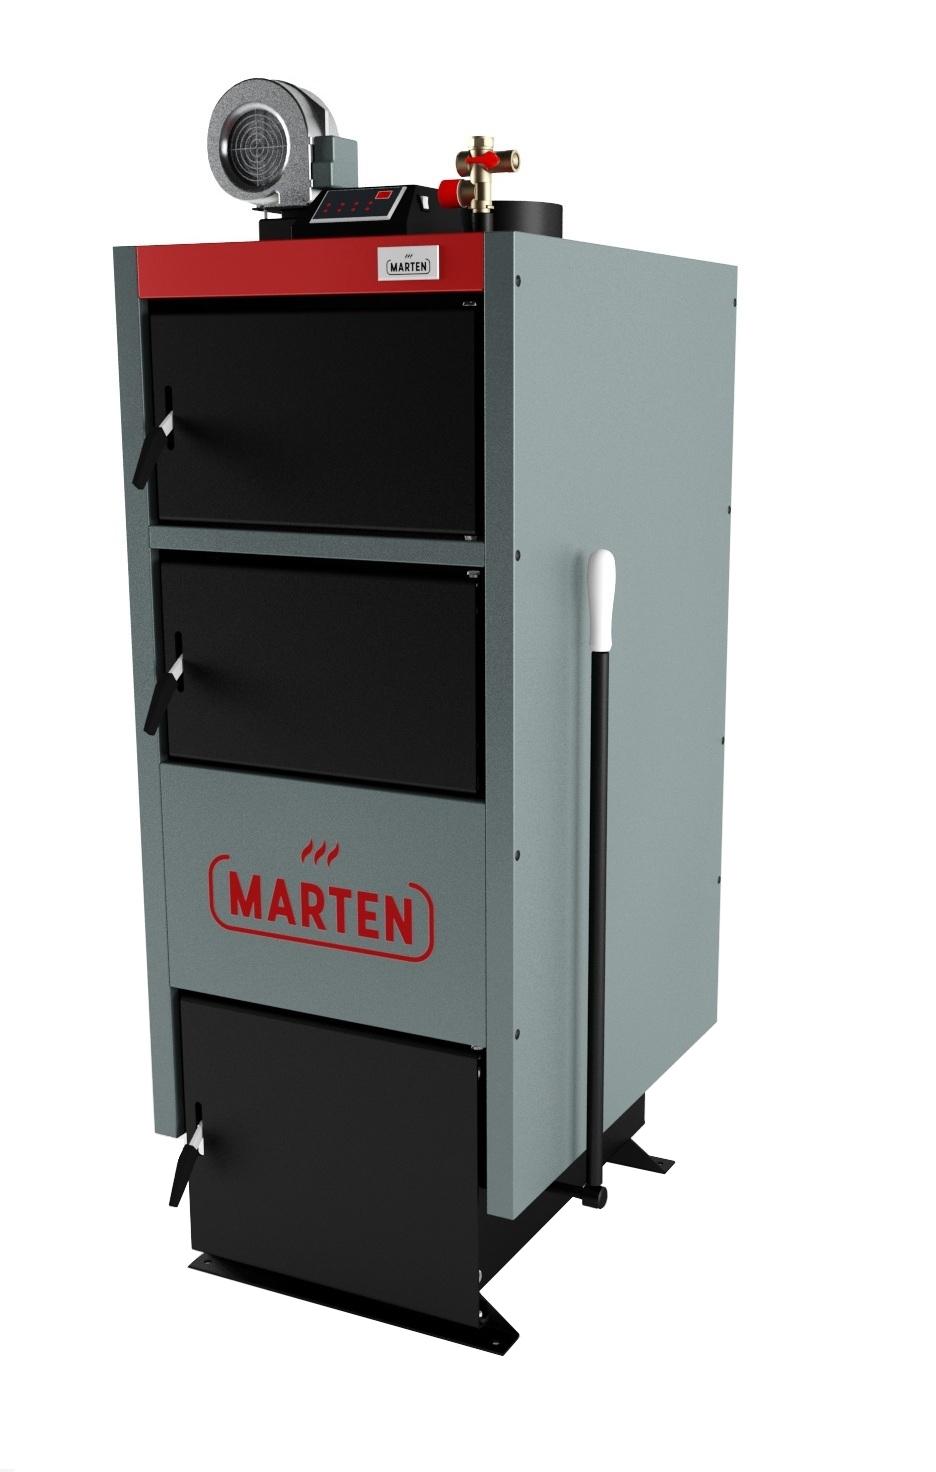 Отопительный котел 80 кВт - Marten Comfort MC 80 4